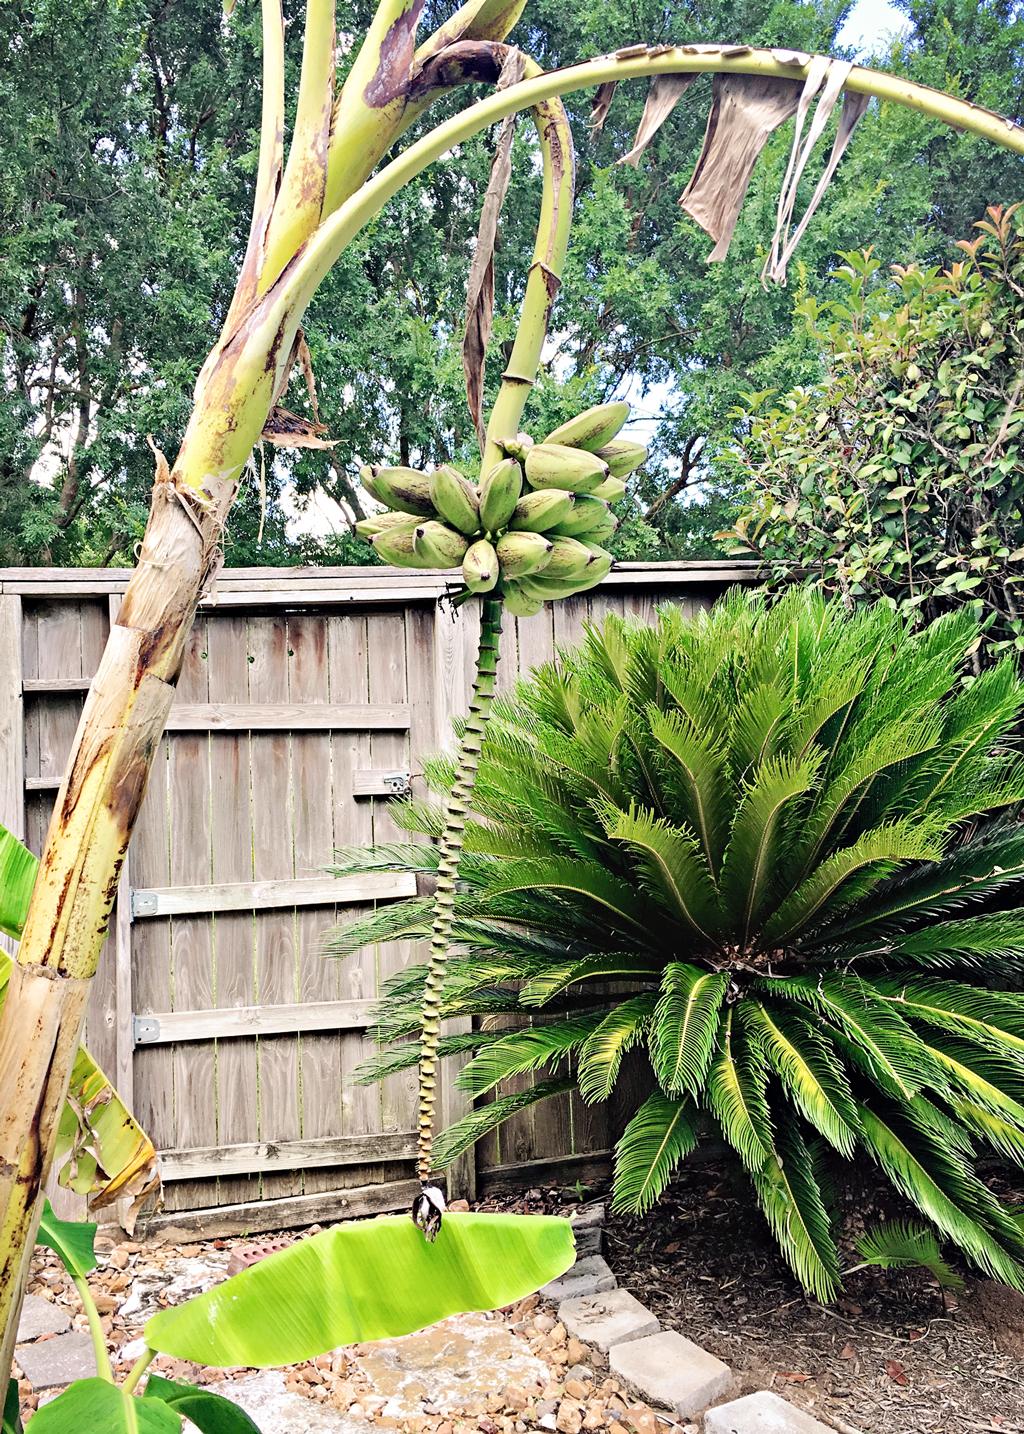 banana-tree-roots